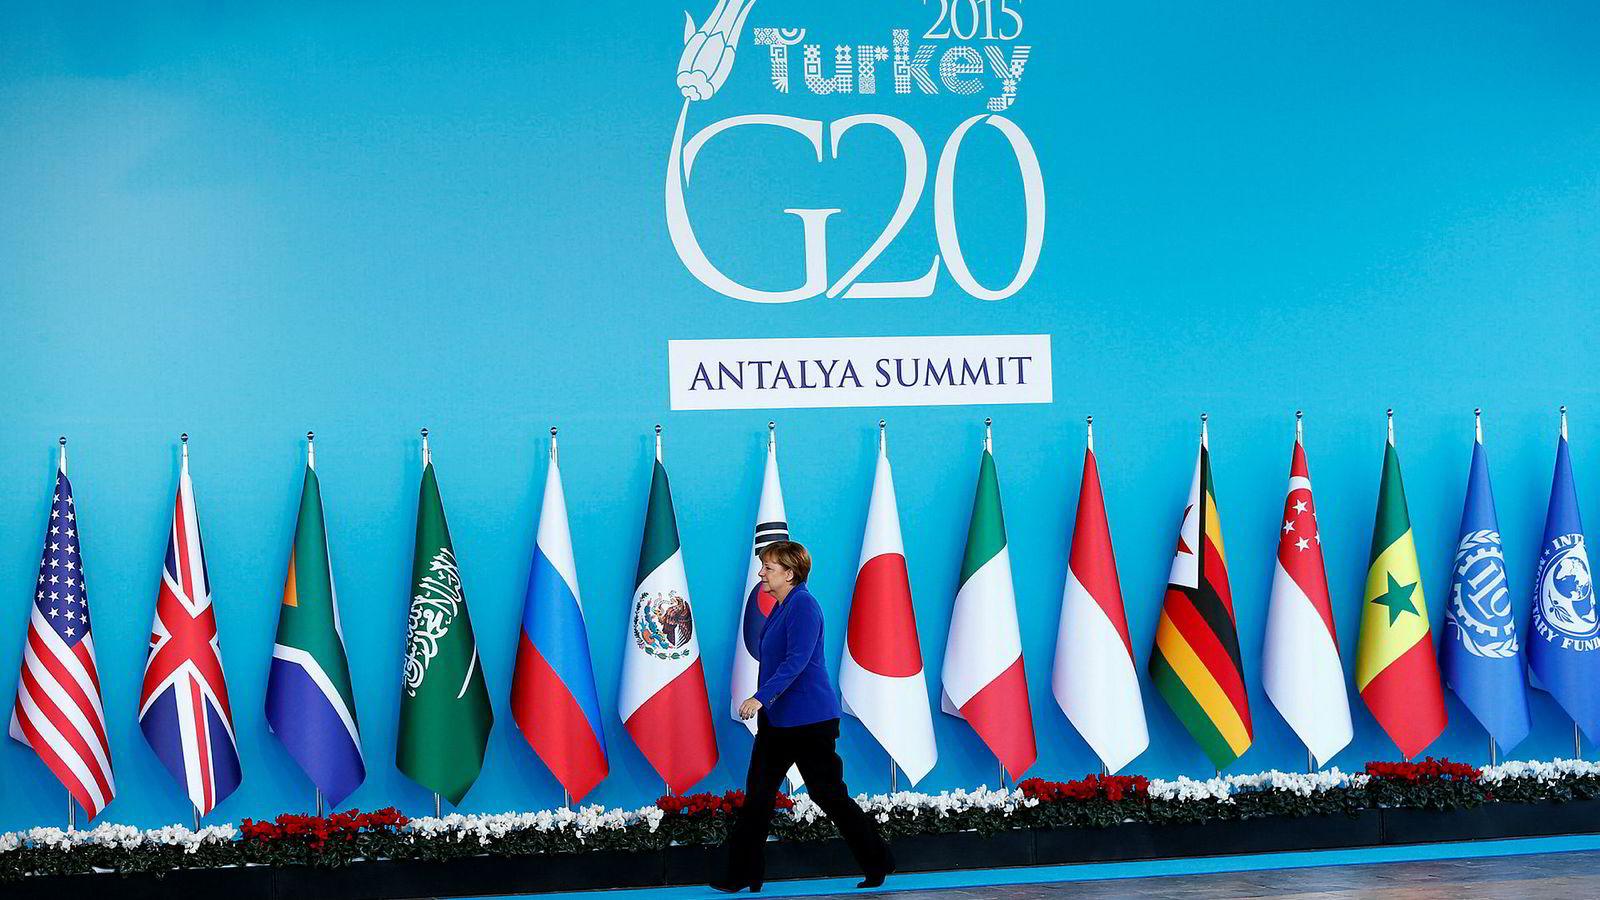 Forbundskansler Merkel har nemlig invitert Norge og Nederland inn i G20 som observatører, skriver artikkelforfatteren.